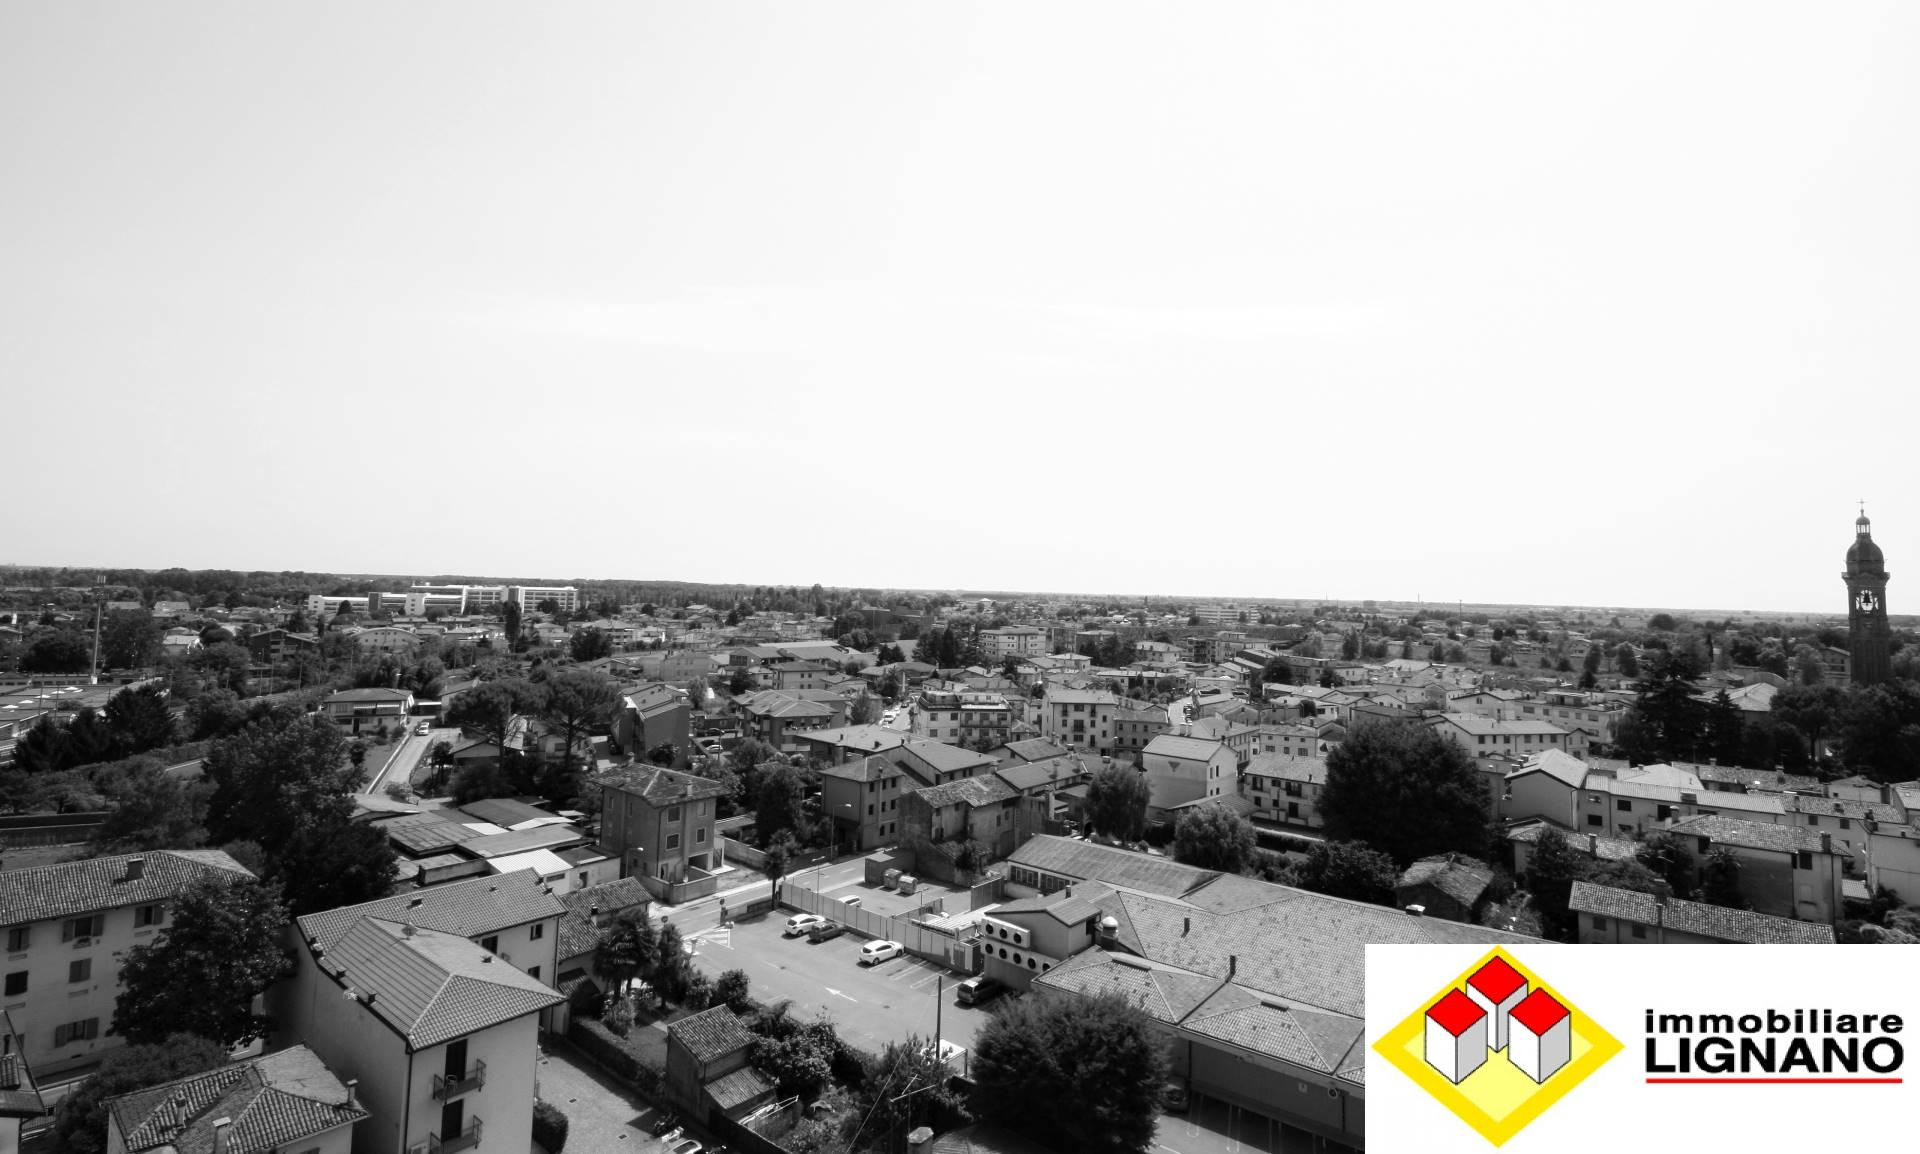 Appartamento in vendita a Latisana, 4 locali, prezzo € 75.000 | Cambio Casa.it